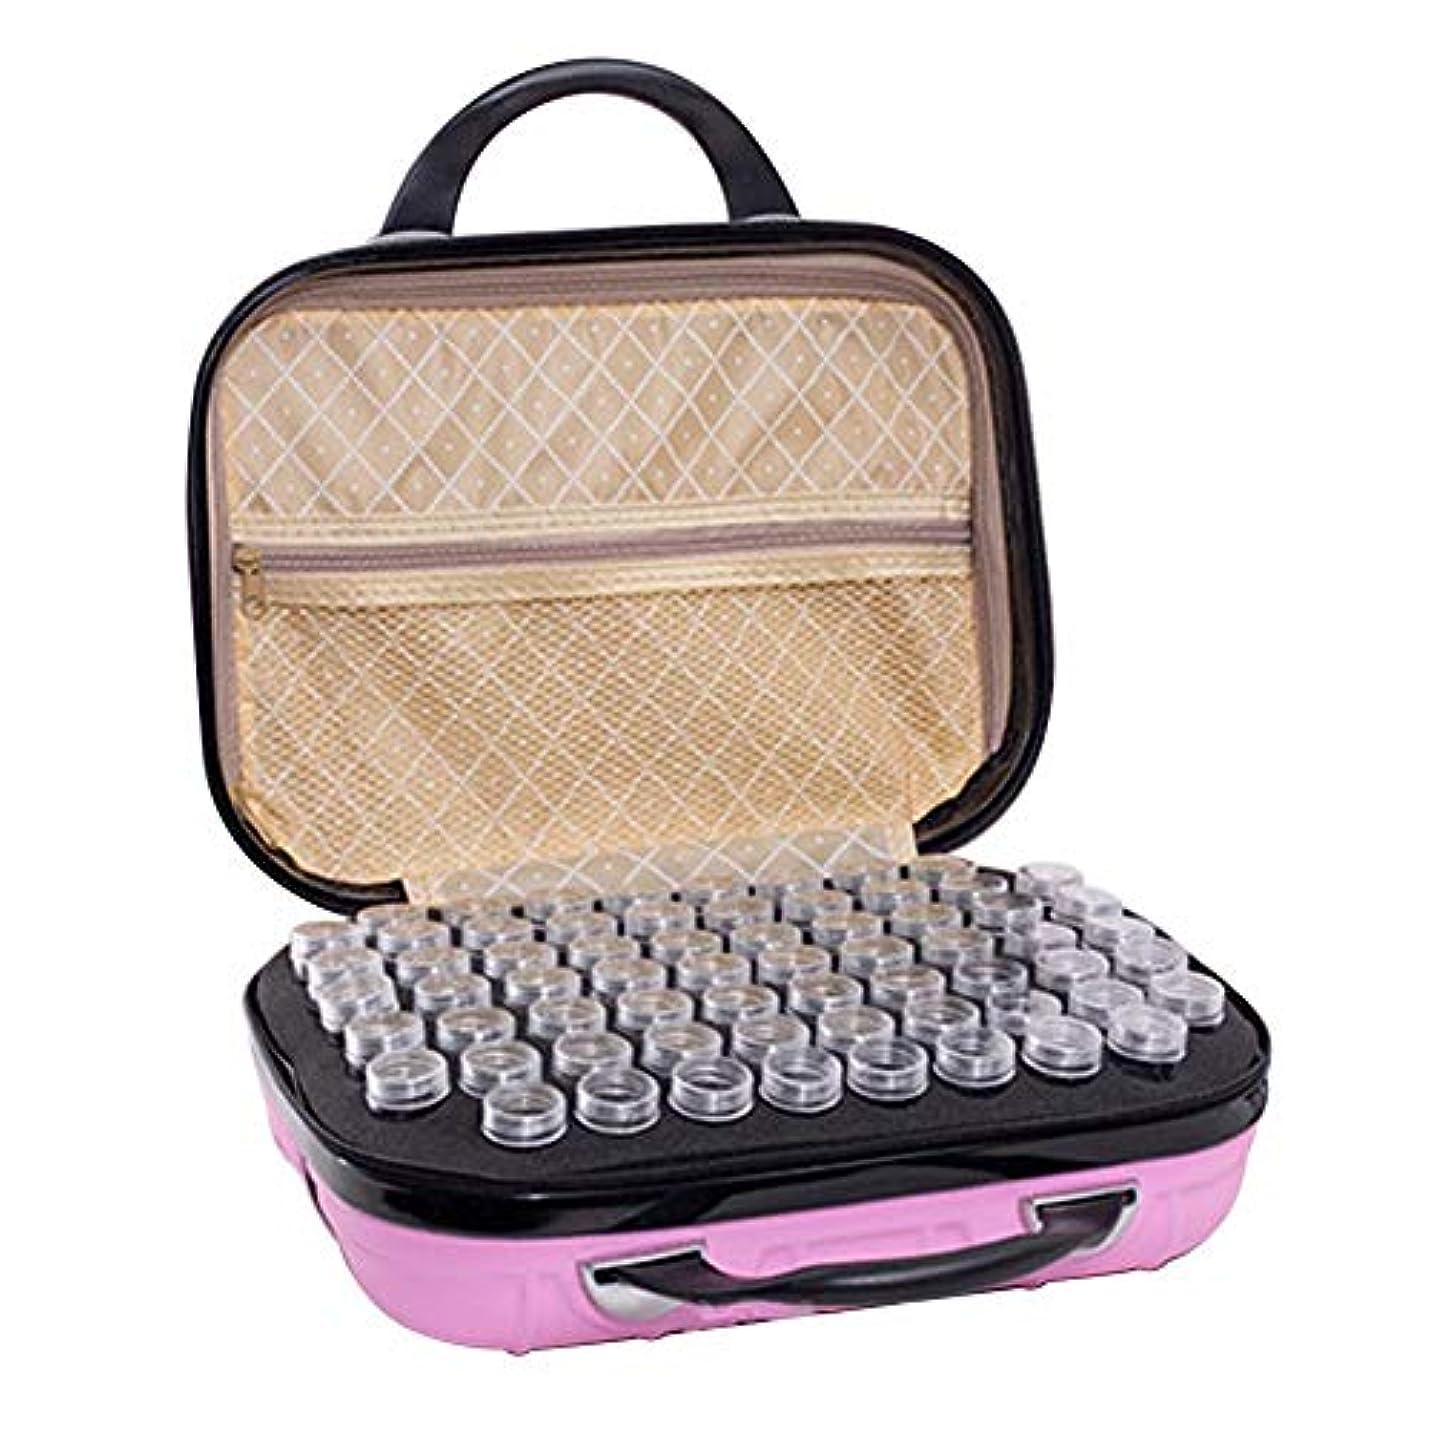 精油収納ボックス エッセンシャルオイルケース 携帯用 香水収納バッグ アロマケース 精油ケース 大容量 傷防止 耐衝撃 アロマセラピストポーチ エッセンシャルオイル収納ボックス